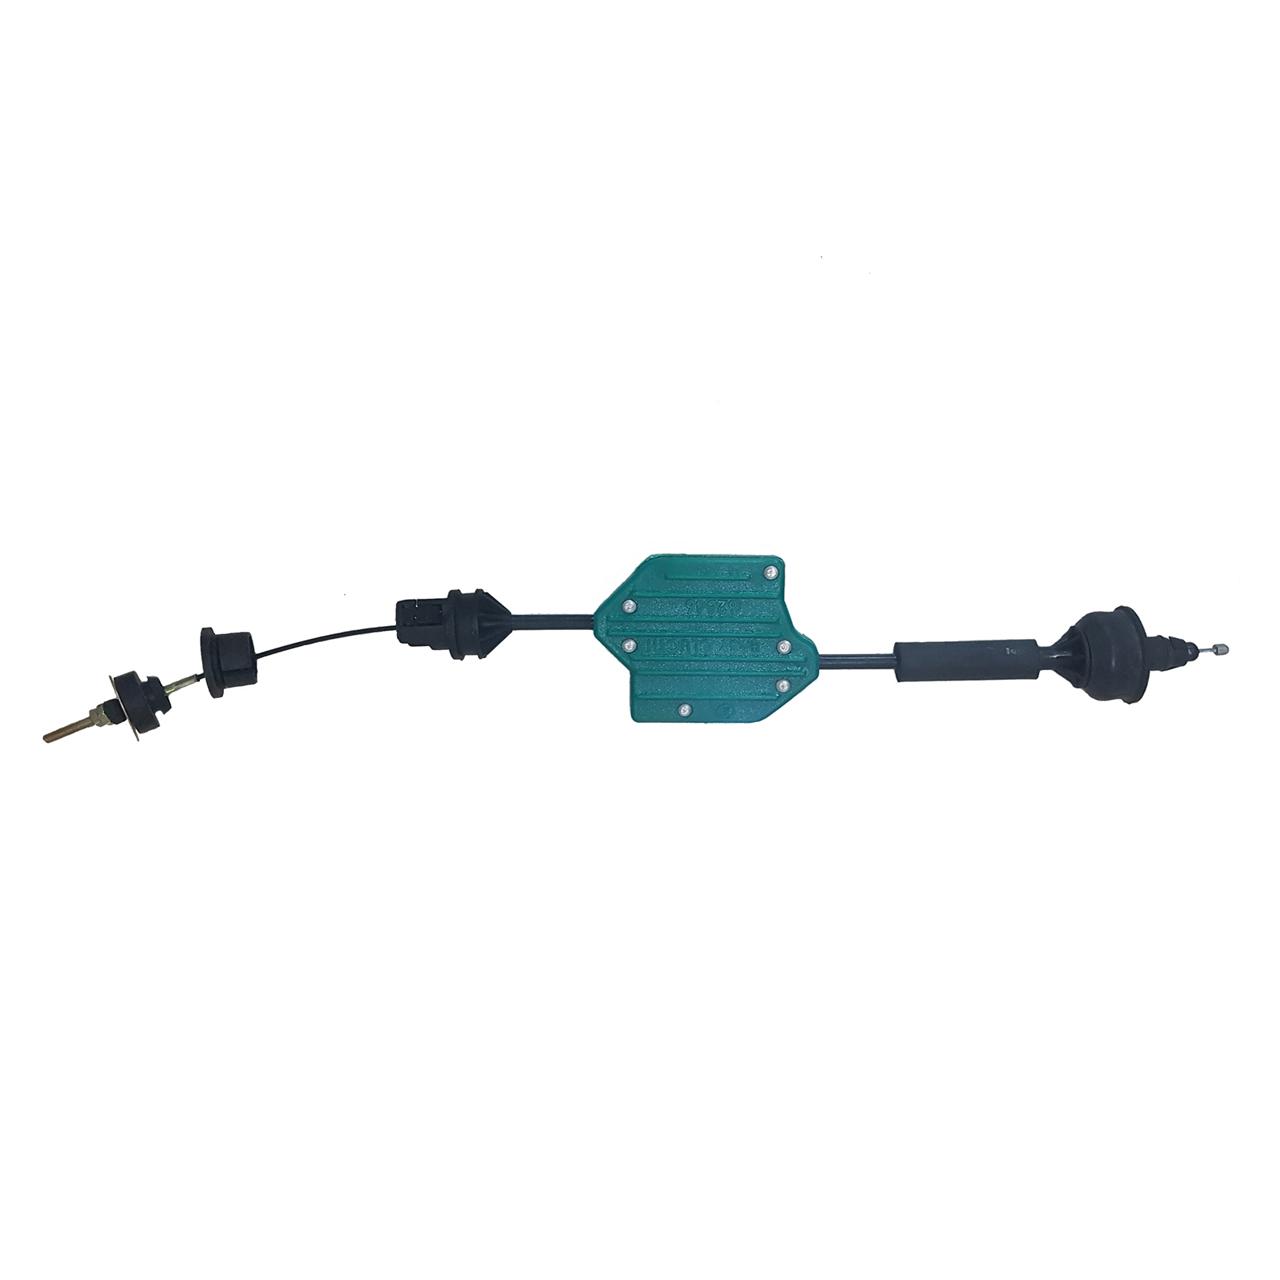 نرم کننده کلاچ کد 19 مناسب برای خودرو پژو پارس 1800